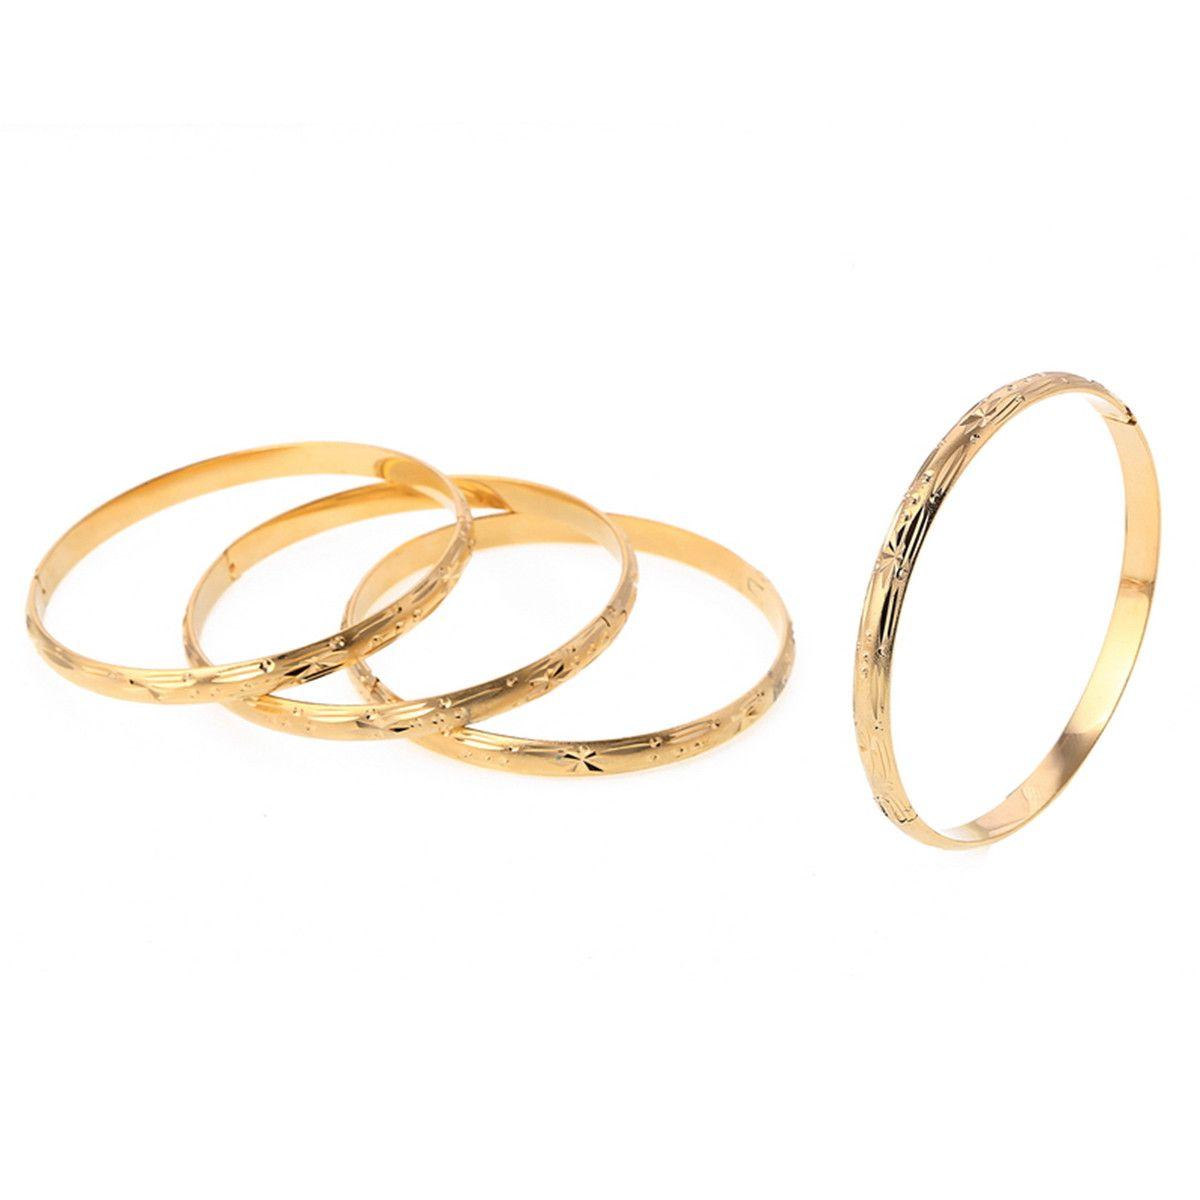 24K Plaqué Or Dubaï Bracelets Bracelet de mariage de mariée africaine européenne-Ethiopie